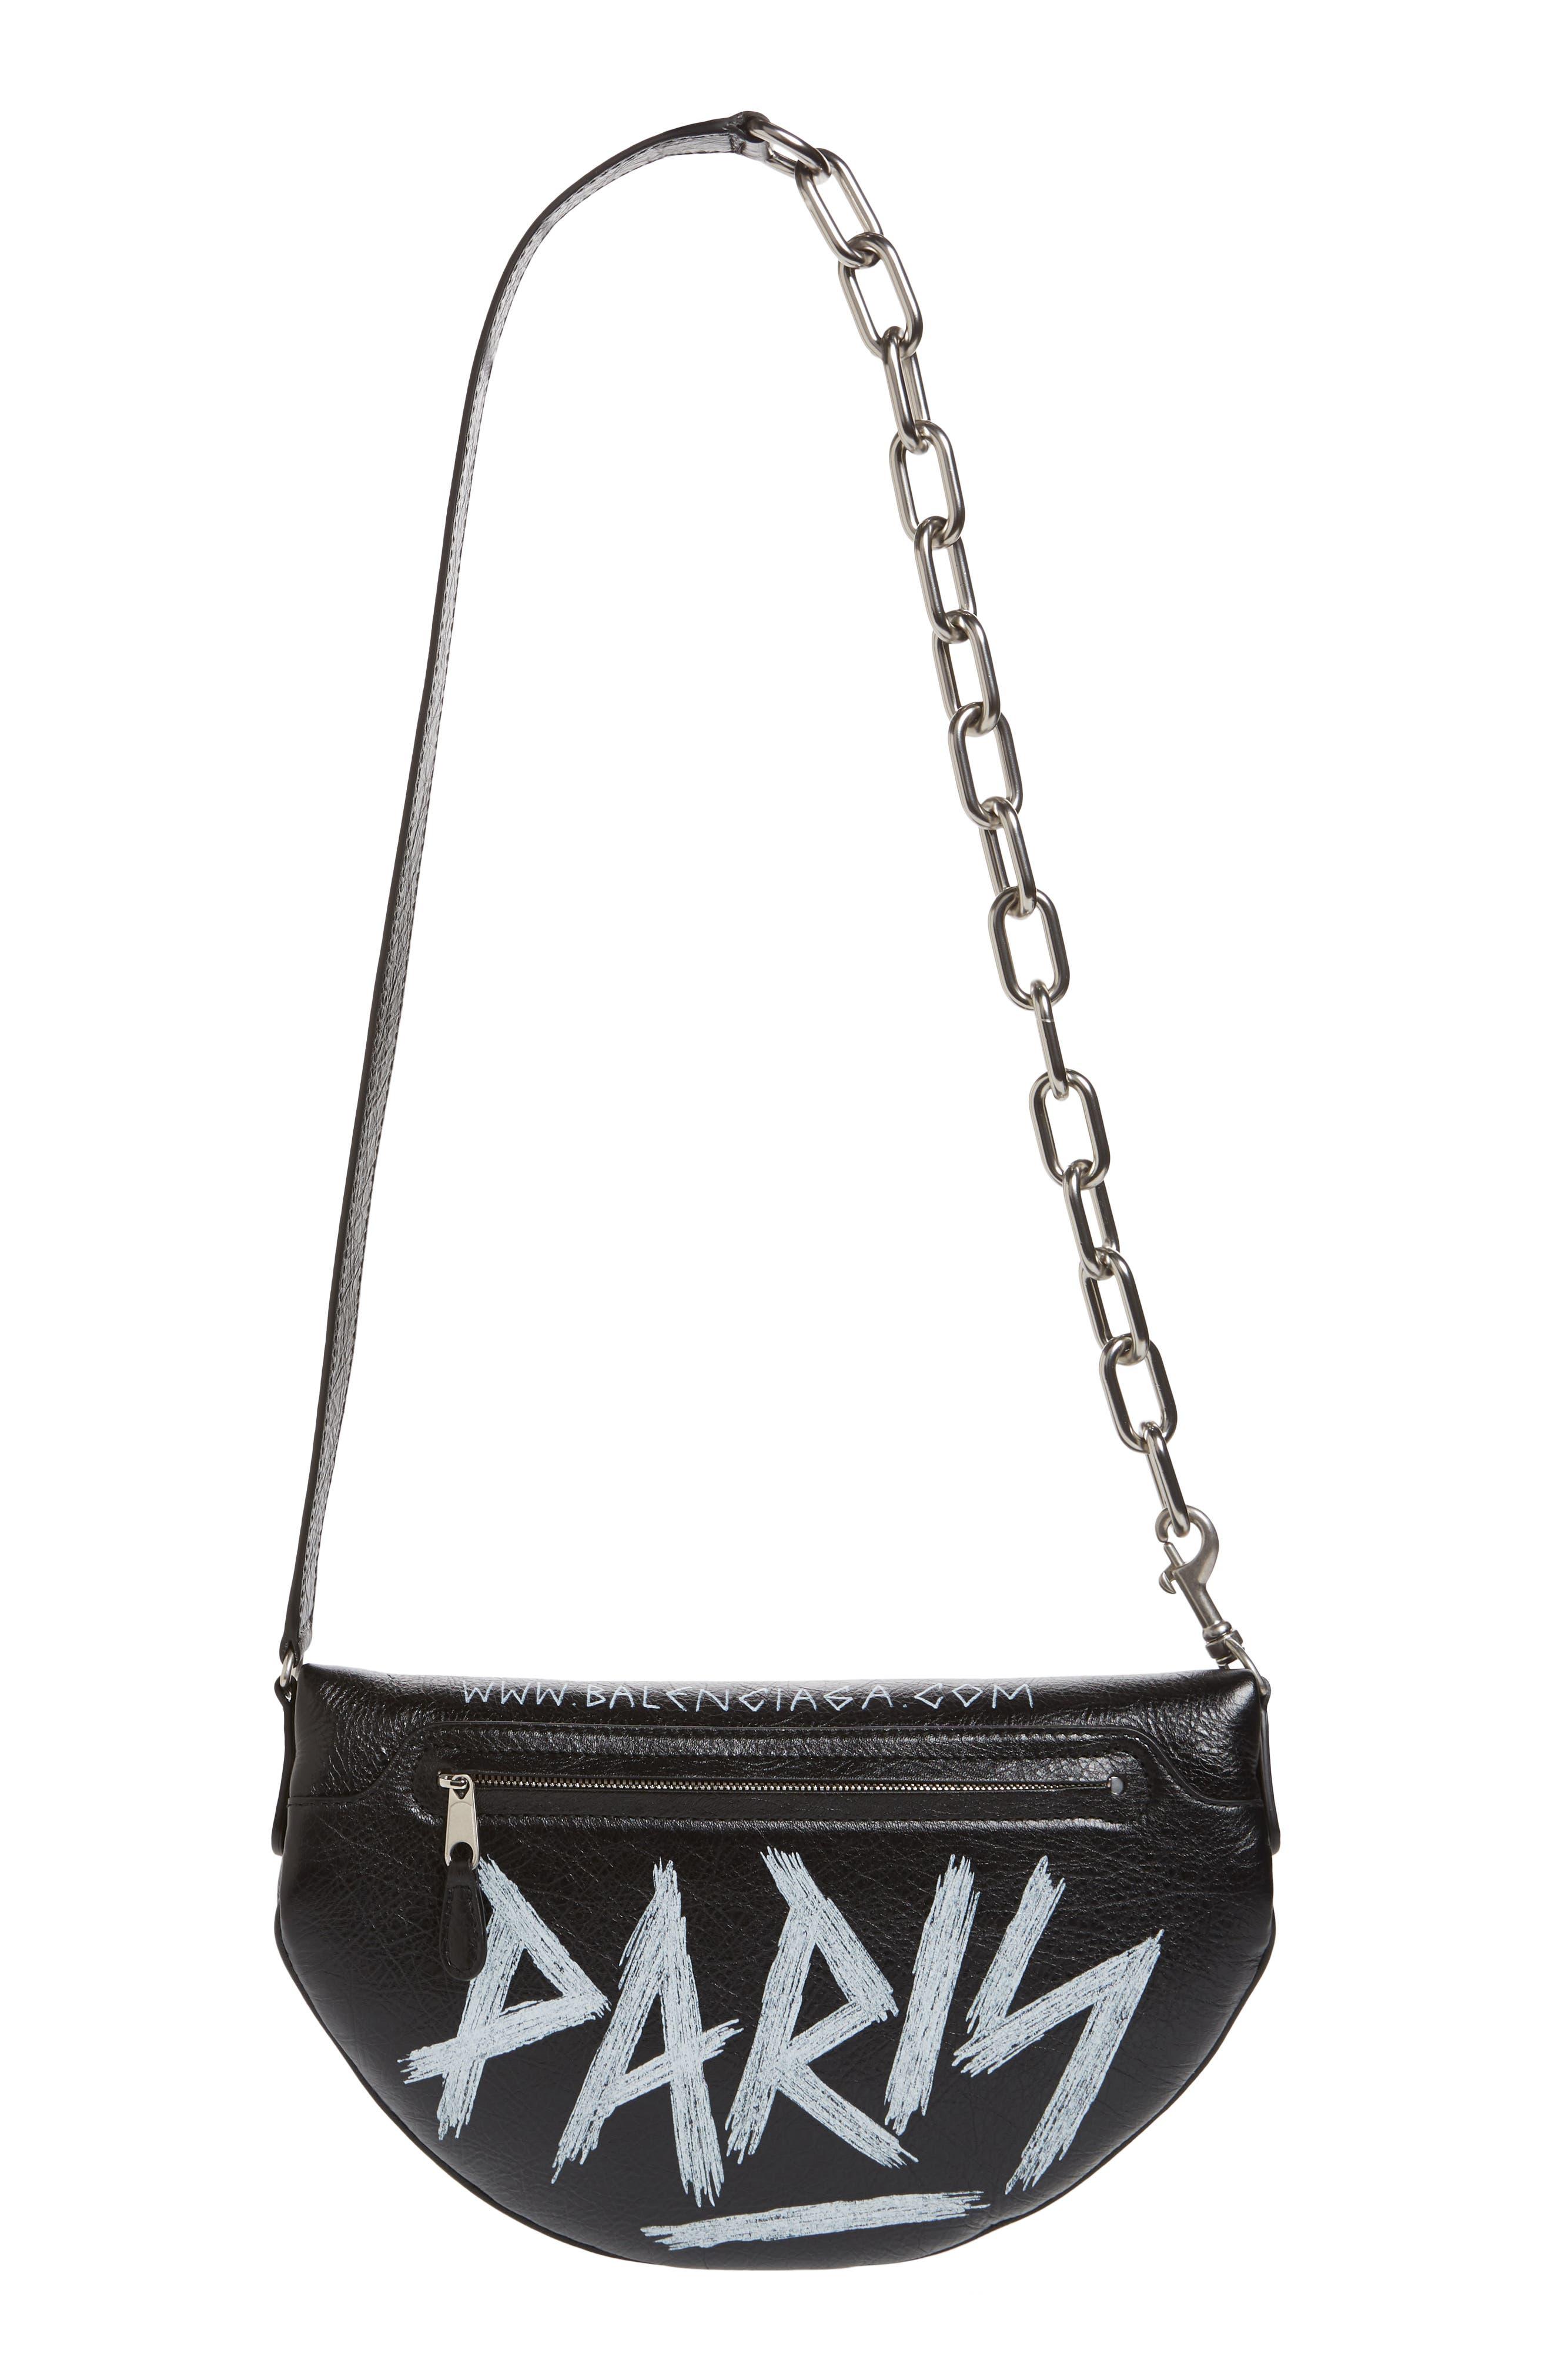 Graffiti Souvenir Leather Belt Bag,                             Alternate thumbnail 4, color,                             NOIR/ BLANC